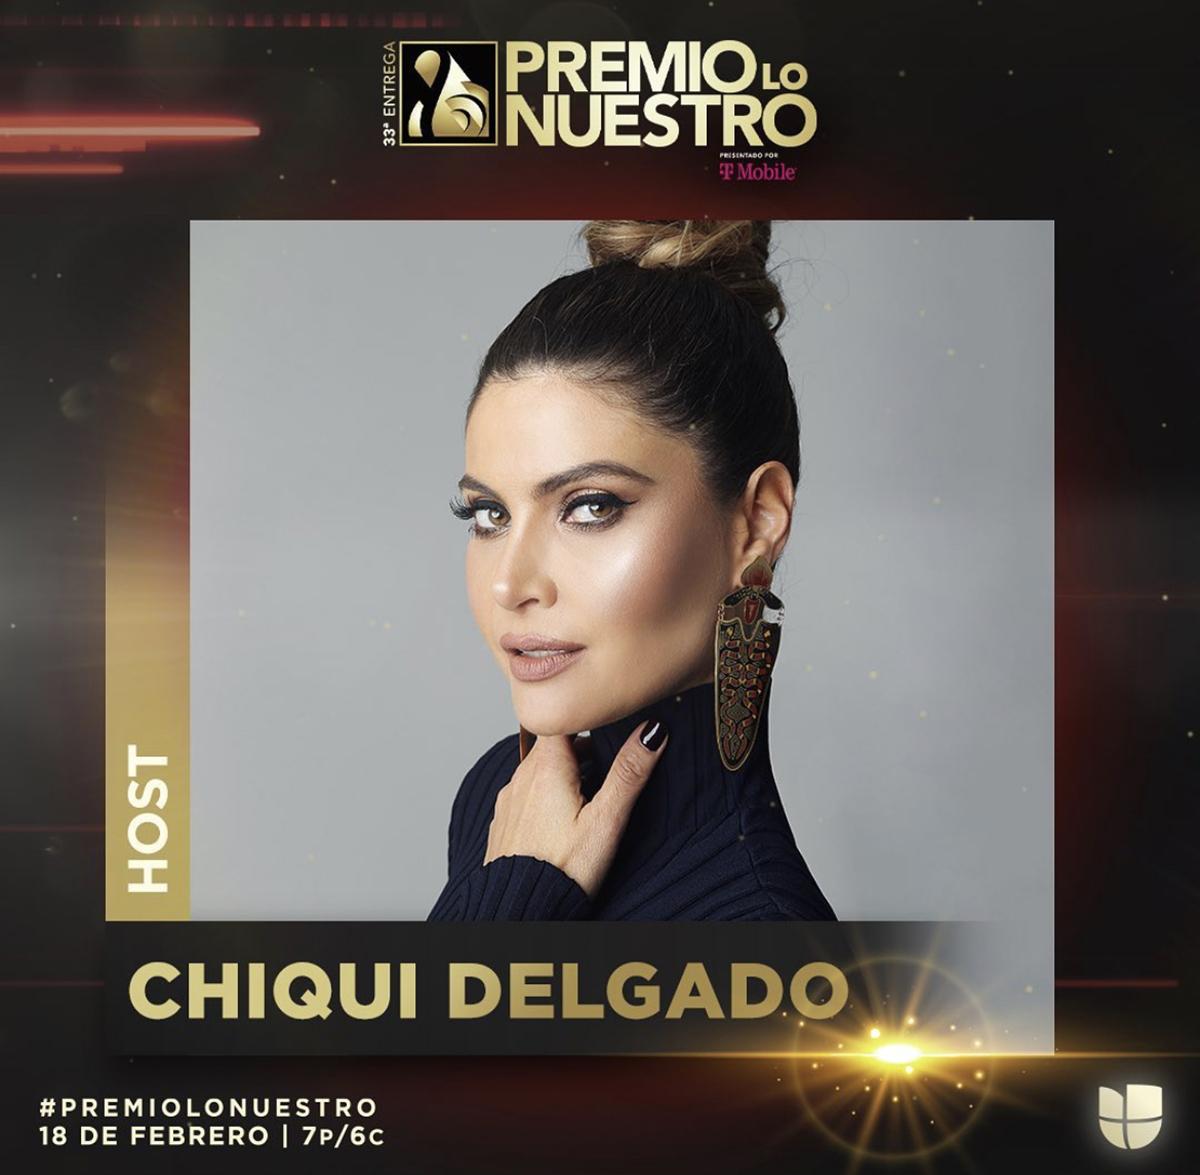 Chiquinquirá Delgado